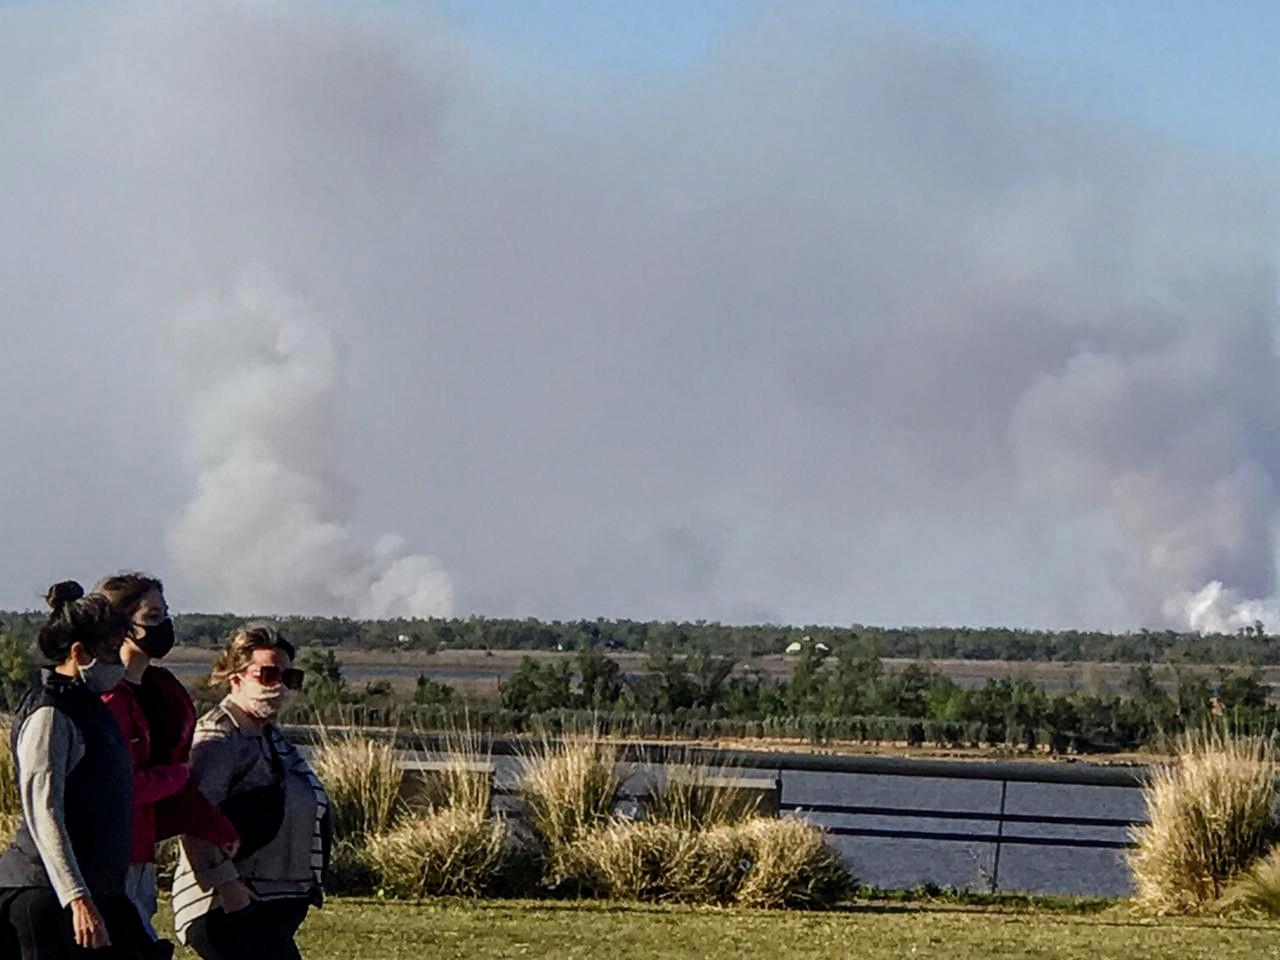 Mientras se debate la ley y expertos asesoran, las islas se siguen quemando.